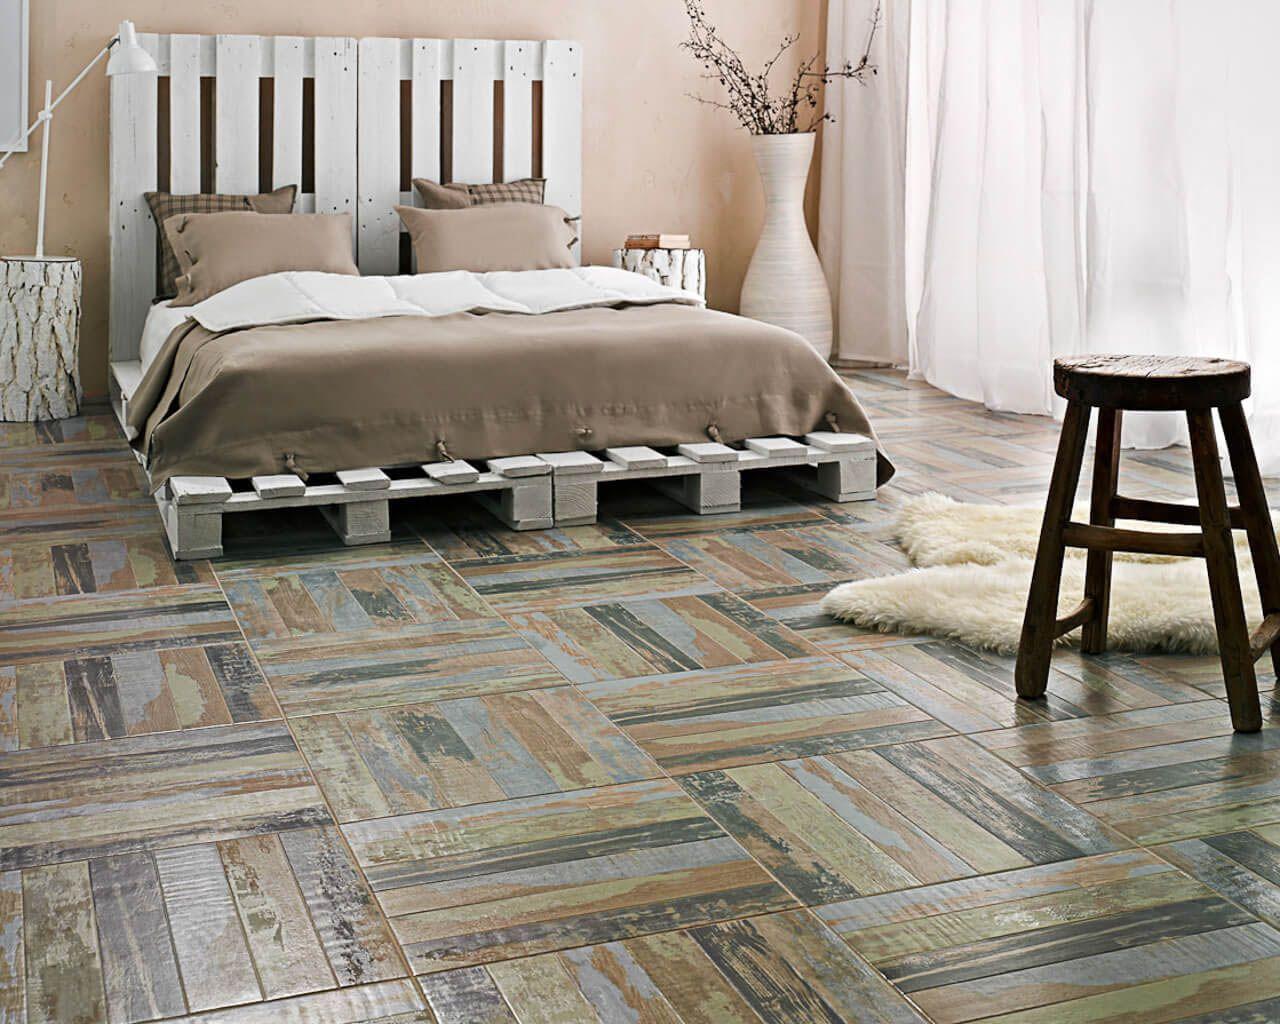 Fußboden Schlafzimmer Einrichten ~ Schlafzimmer mit einem fußboden wie ein parkett und einem bett aus